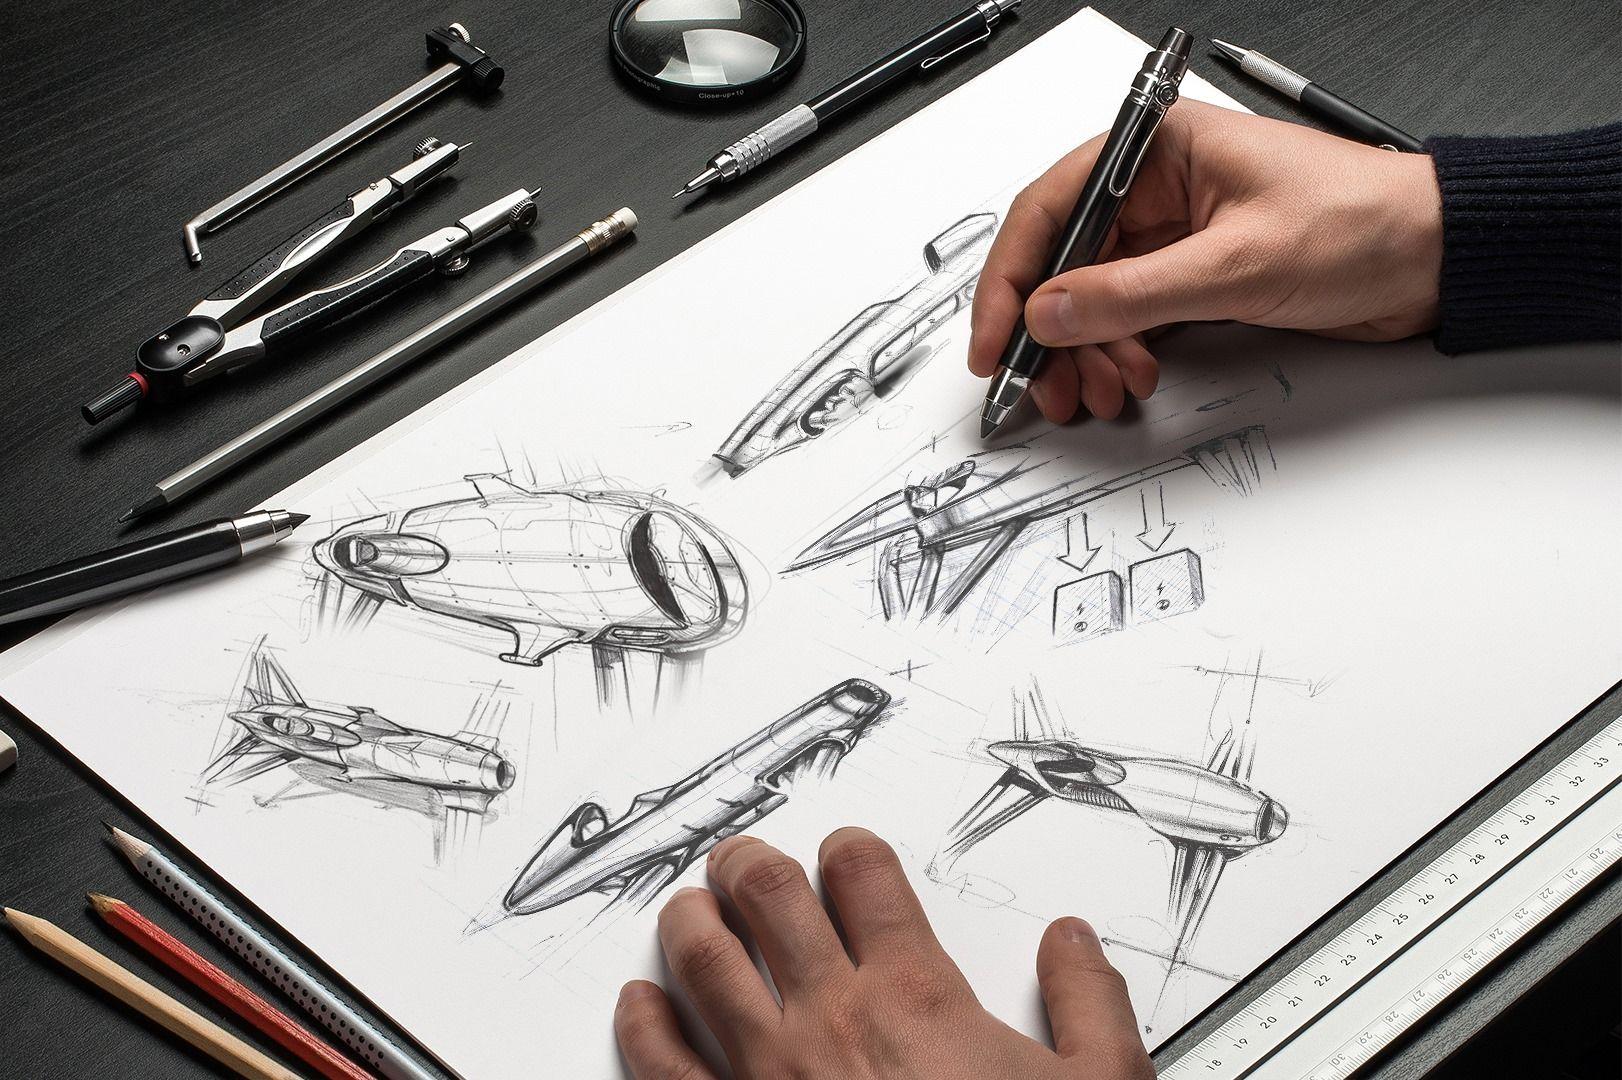 Σχέδια για το μοντέλο Airspeeder, το ηλεκτρικό ιπτάμενο αυτοκίνητο